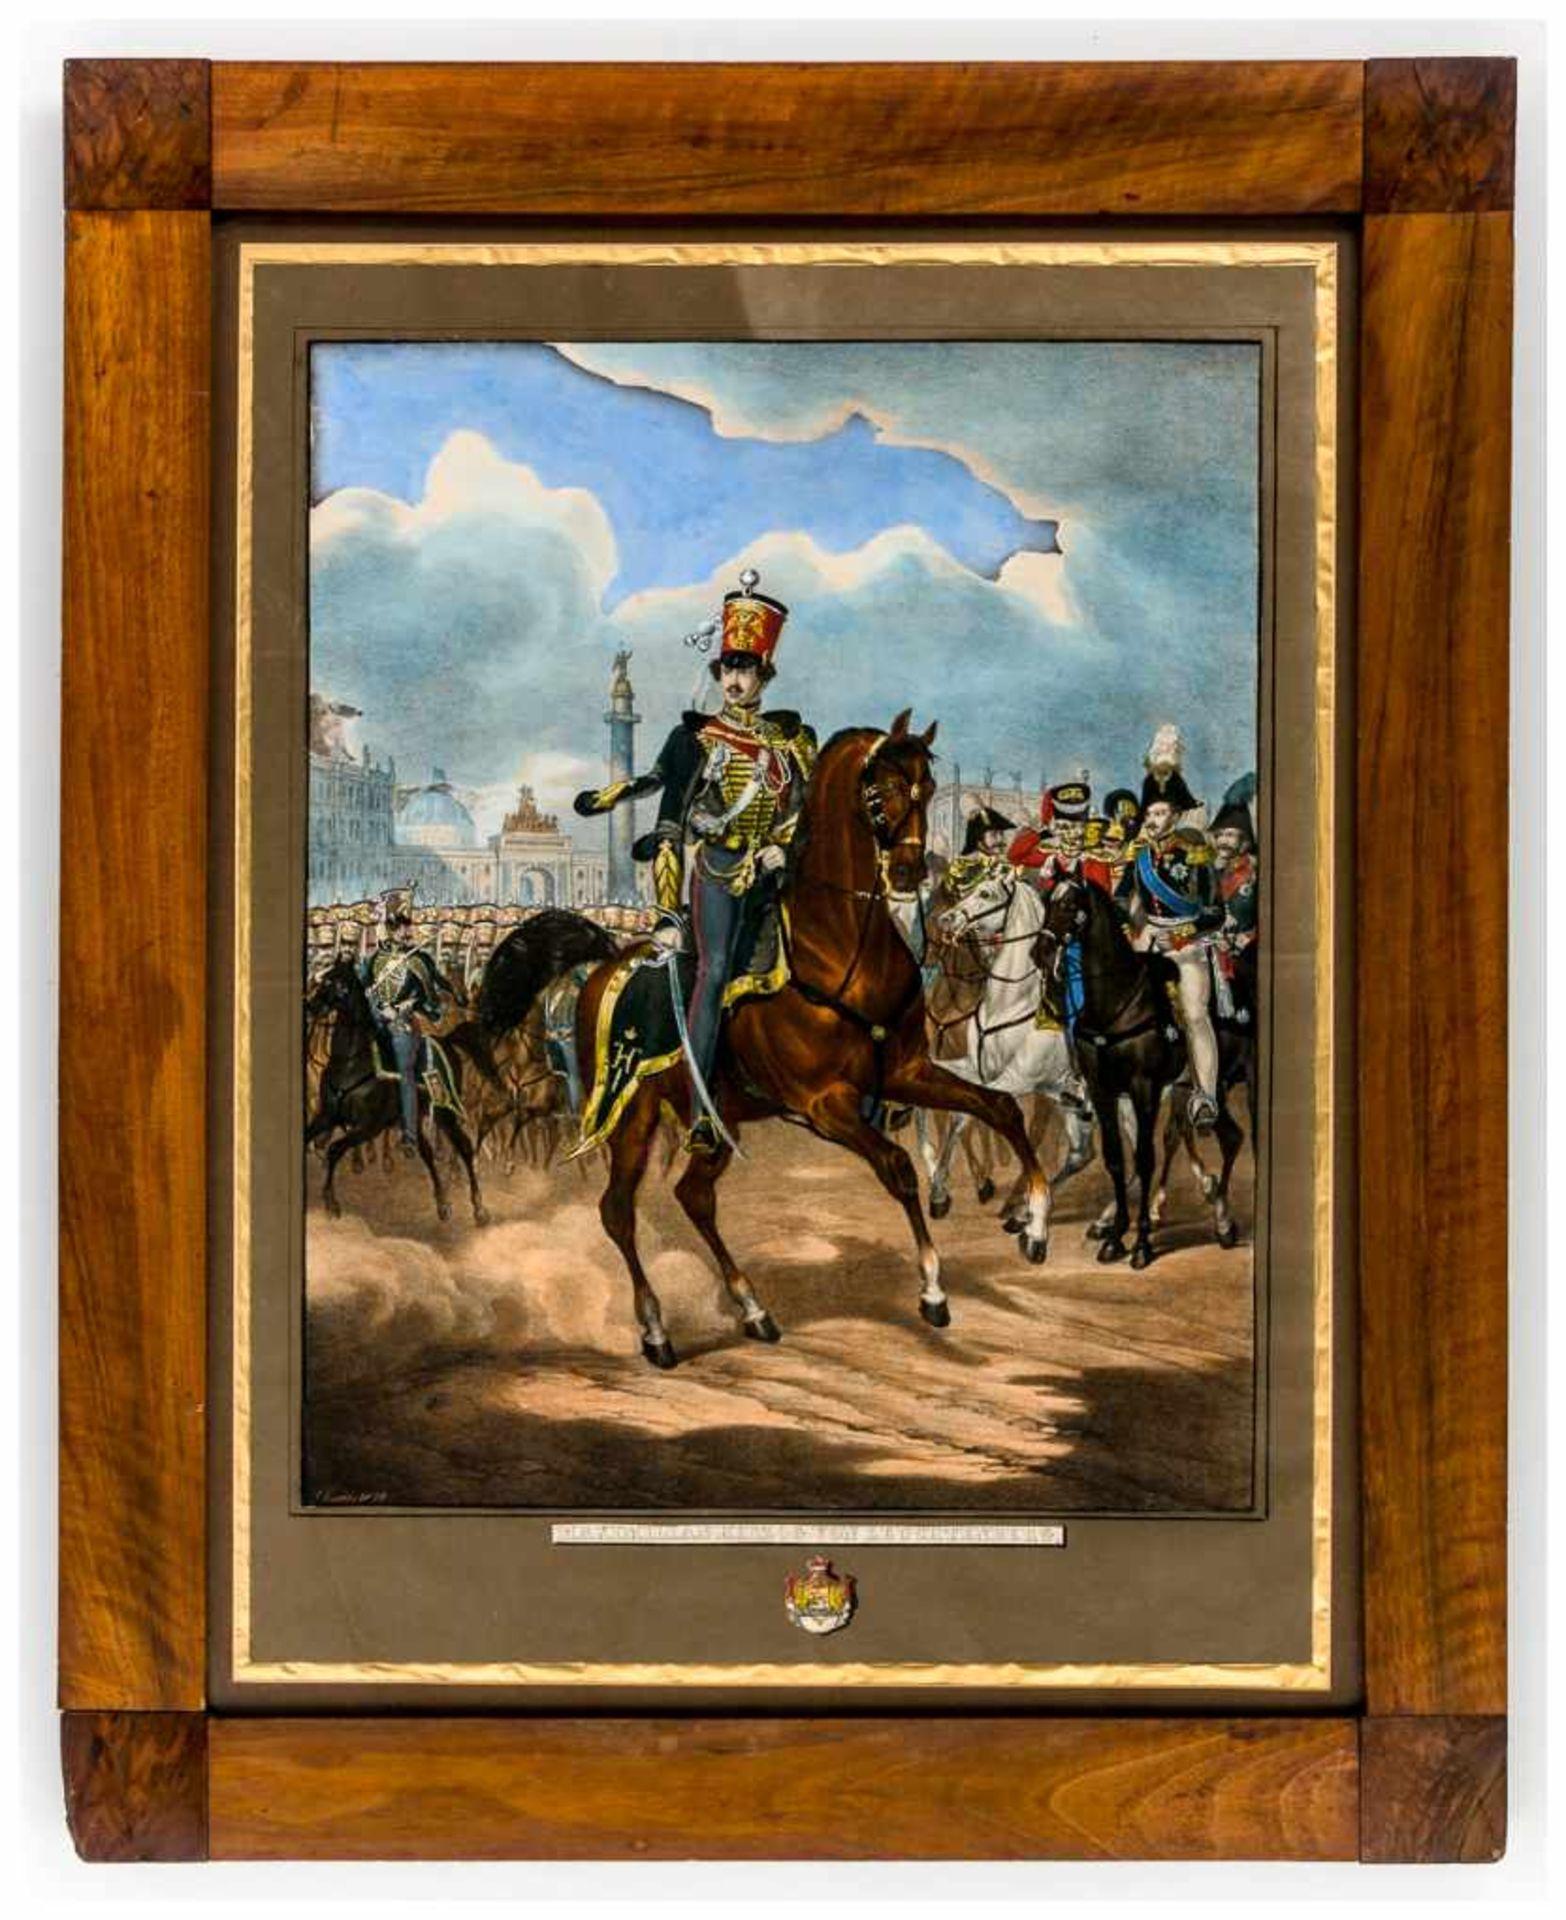 Los 54 - Maximilian, Herzog von Leuchtenberg Altkolorierte Lithographie von Gustav Kraus, signiert und